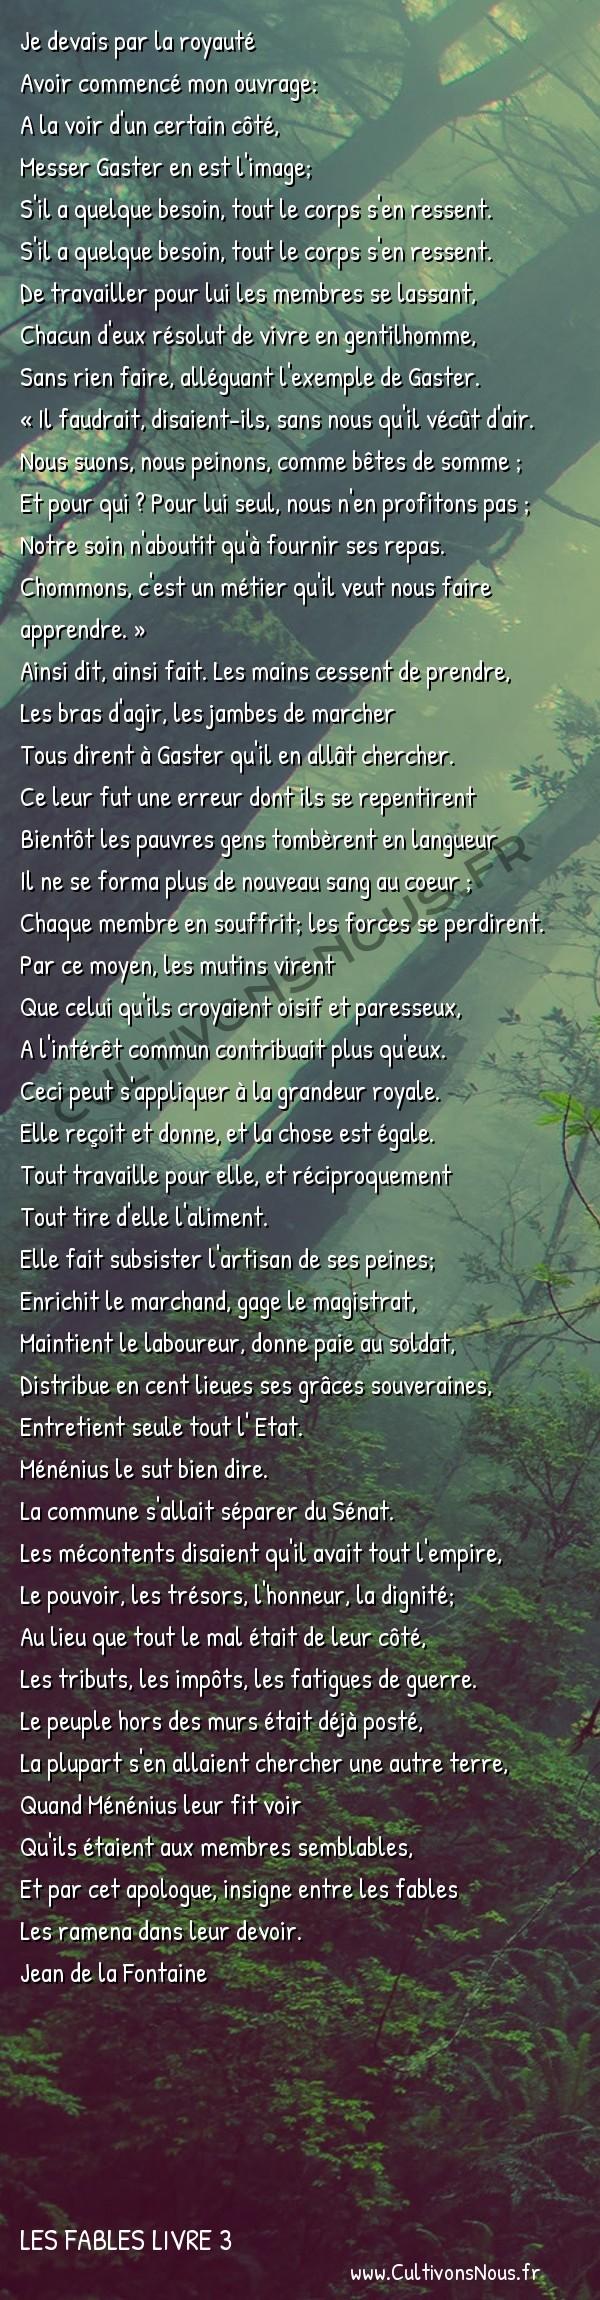 Fables Jean de la Fontaine - Les fables Livre 3 - Les Membres et l'Estomac -   Je devais par la royauté Avoir commencé mon ouvrage: